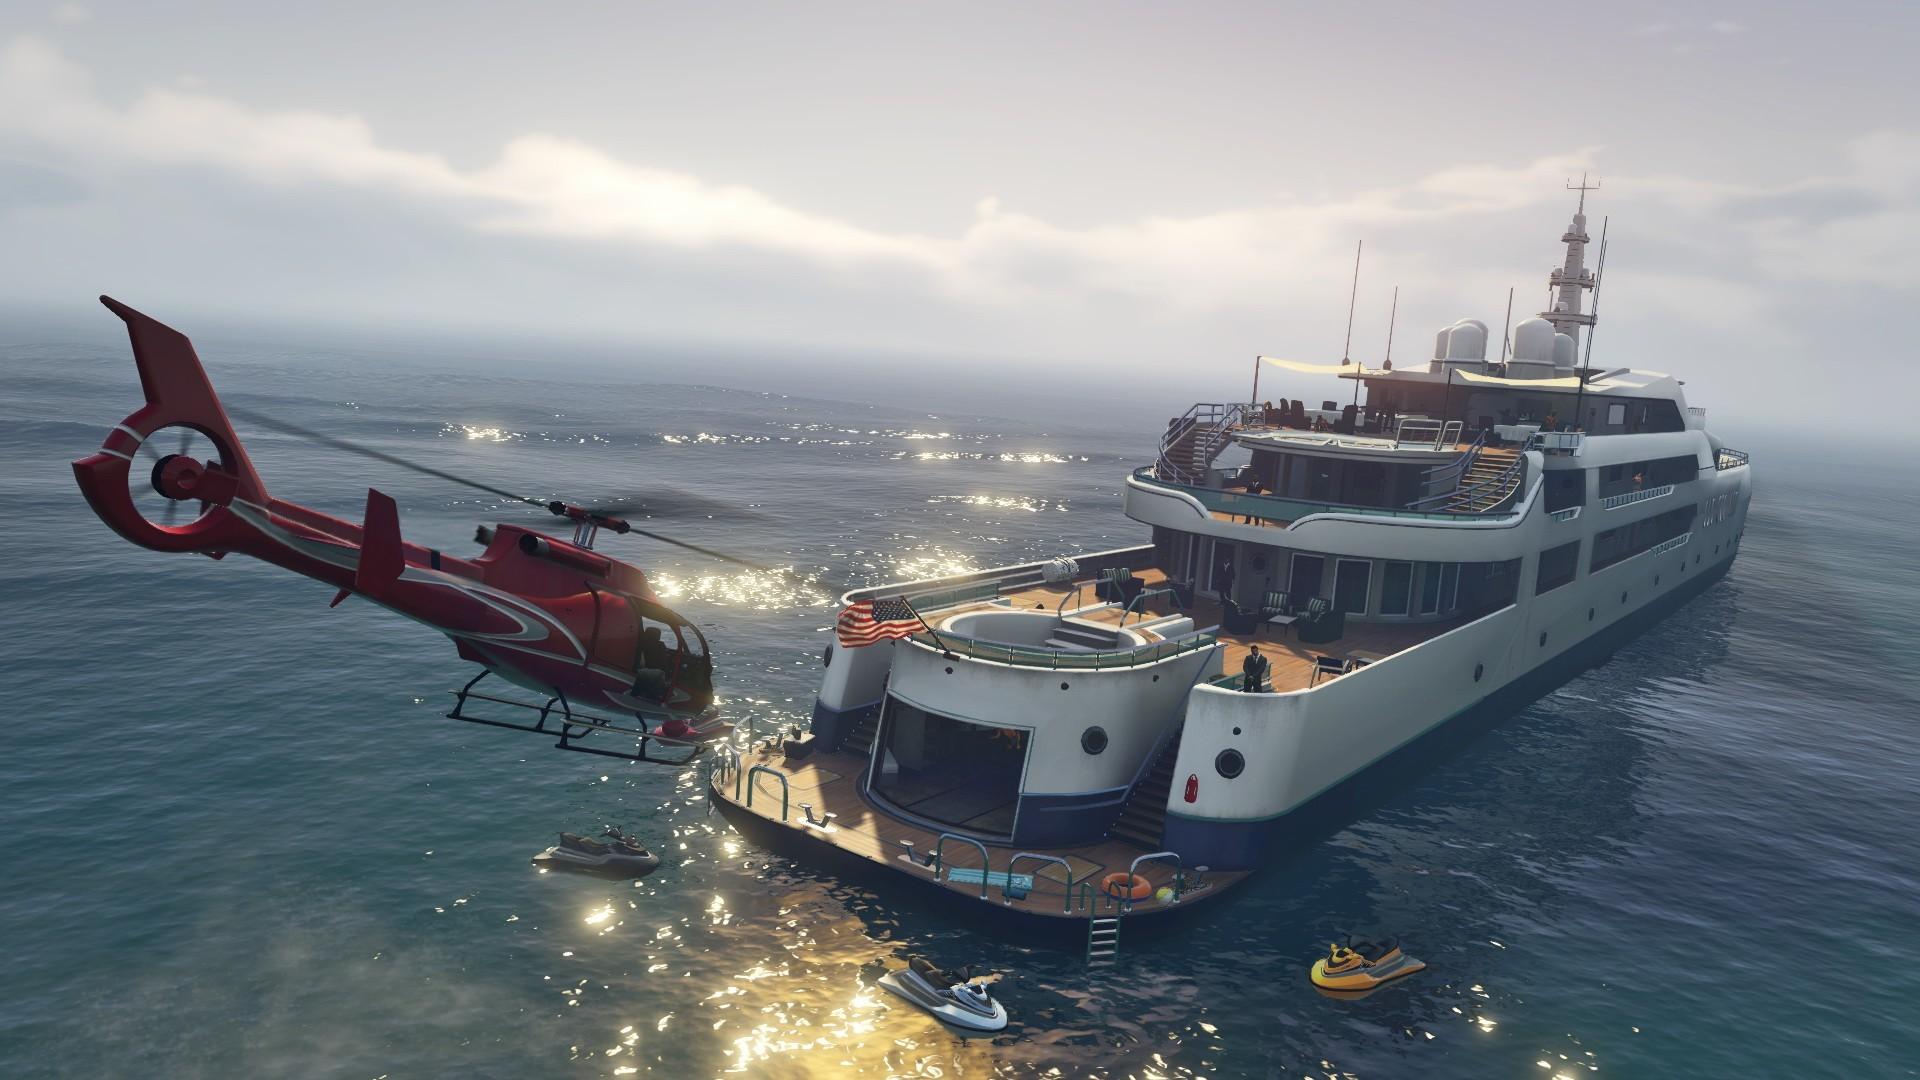 Superyachten kaufen  GTA Online: Yacht kaufen – so bekommt ihr ein Luxusboot – GIGA